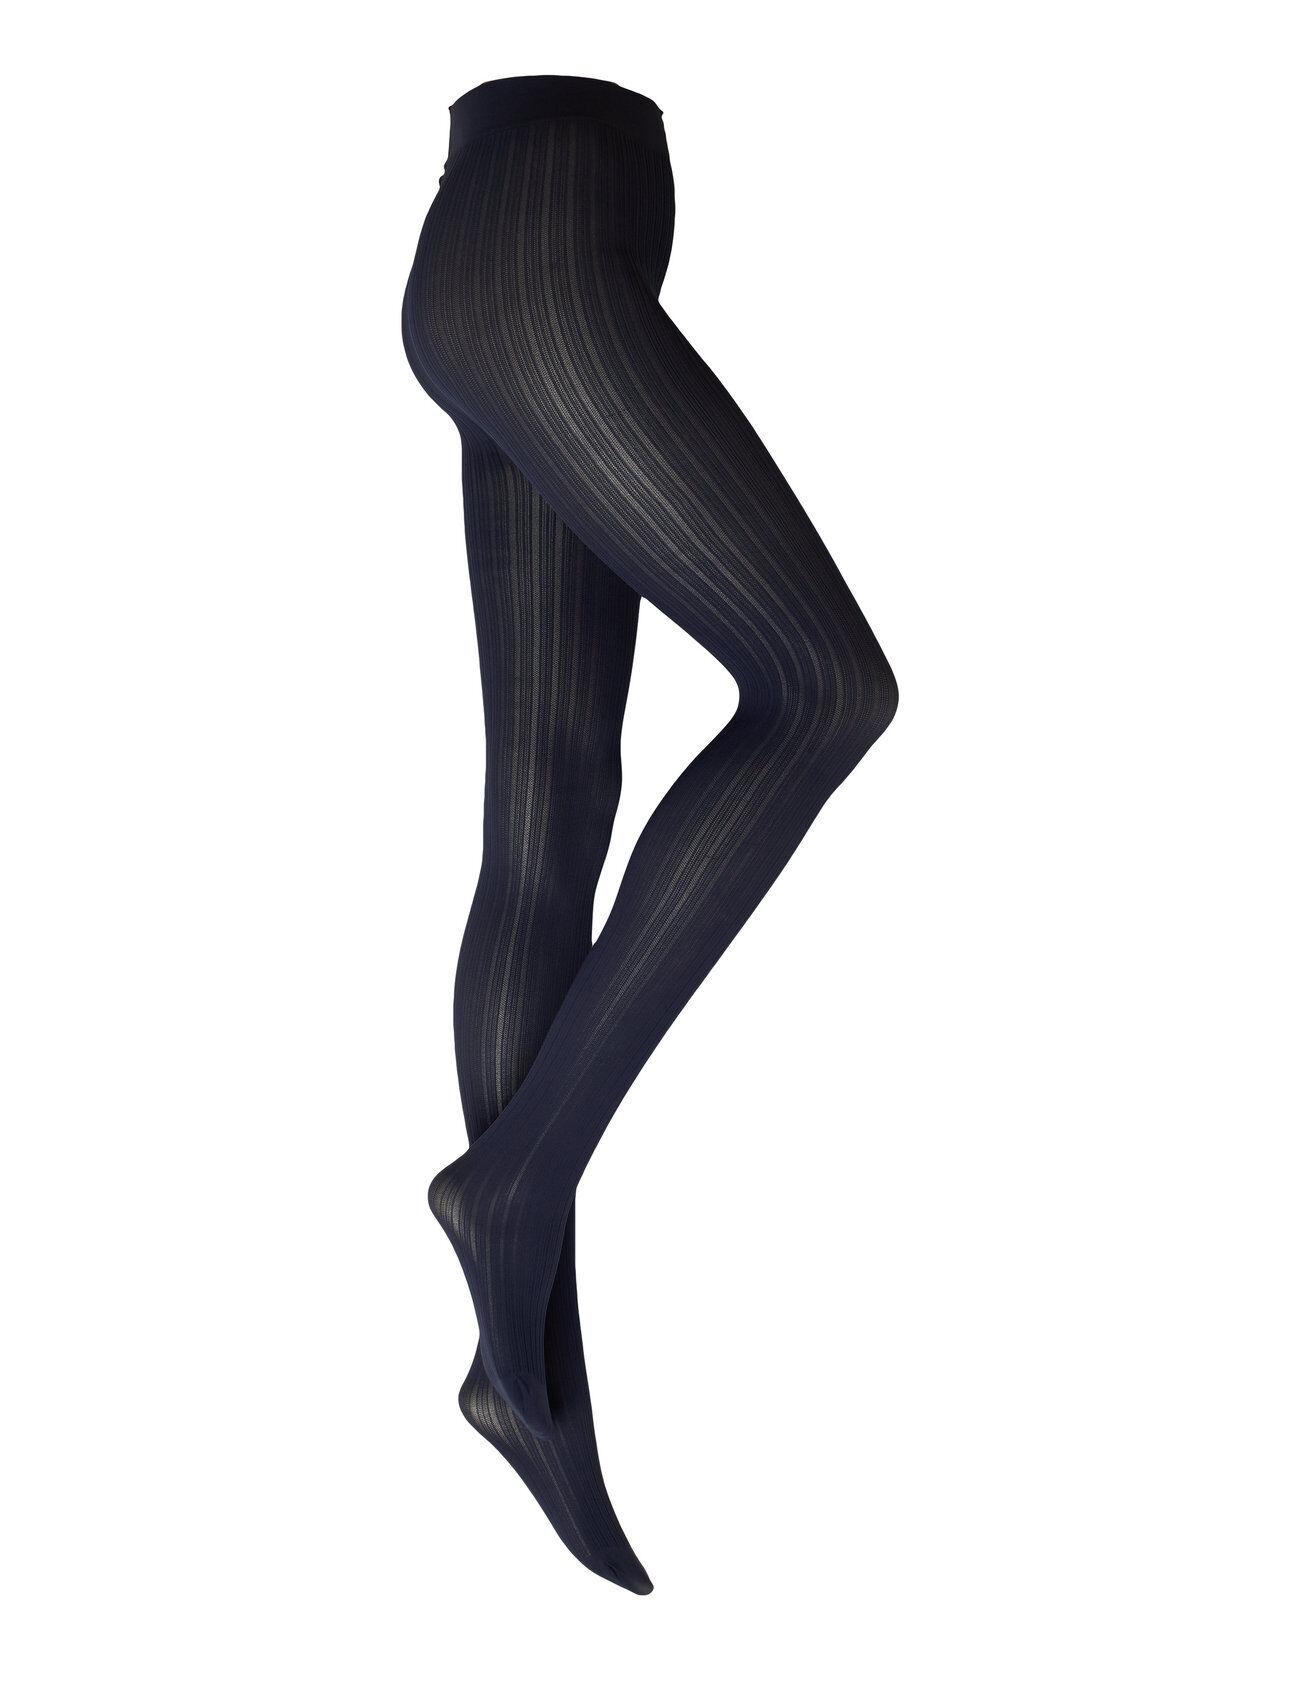 Swedish Stockings Alma Rib Tights 60d Sukkahousut Sininen Swedish Stockings